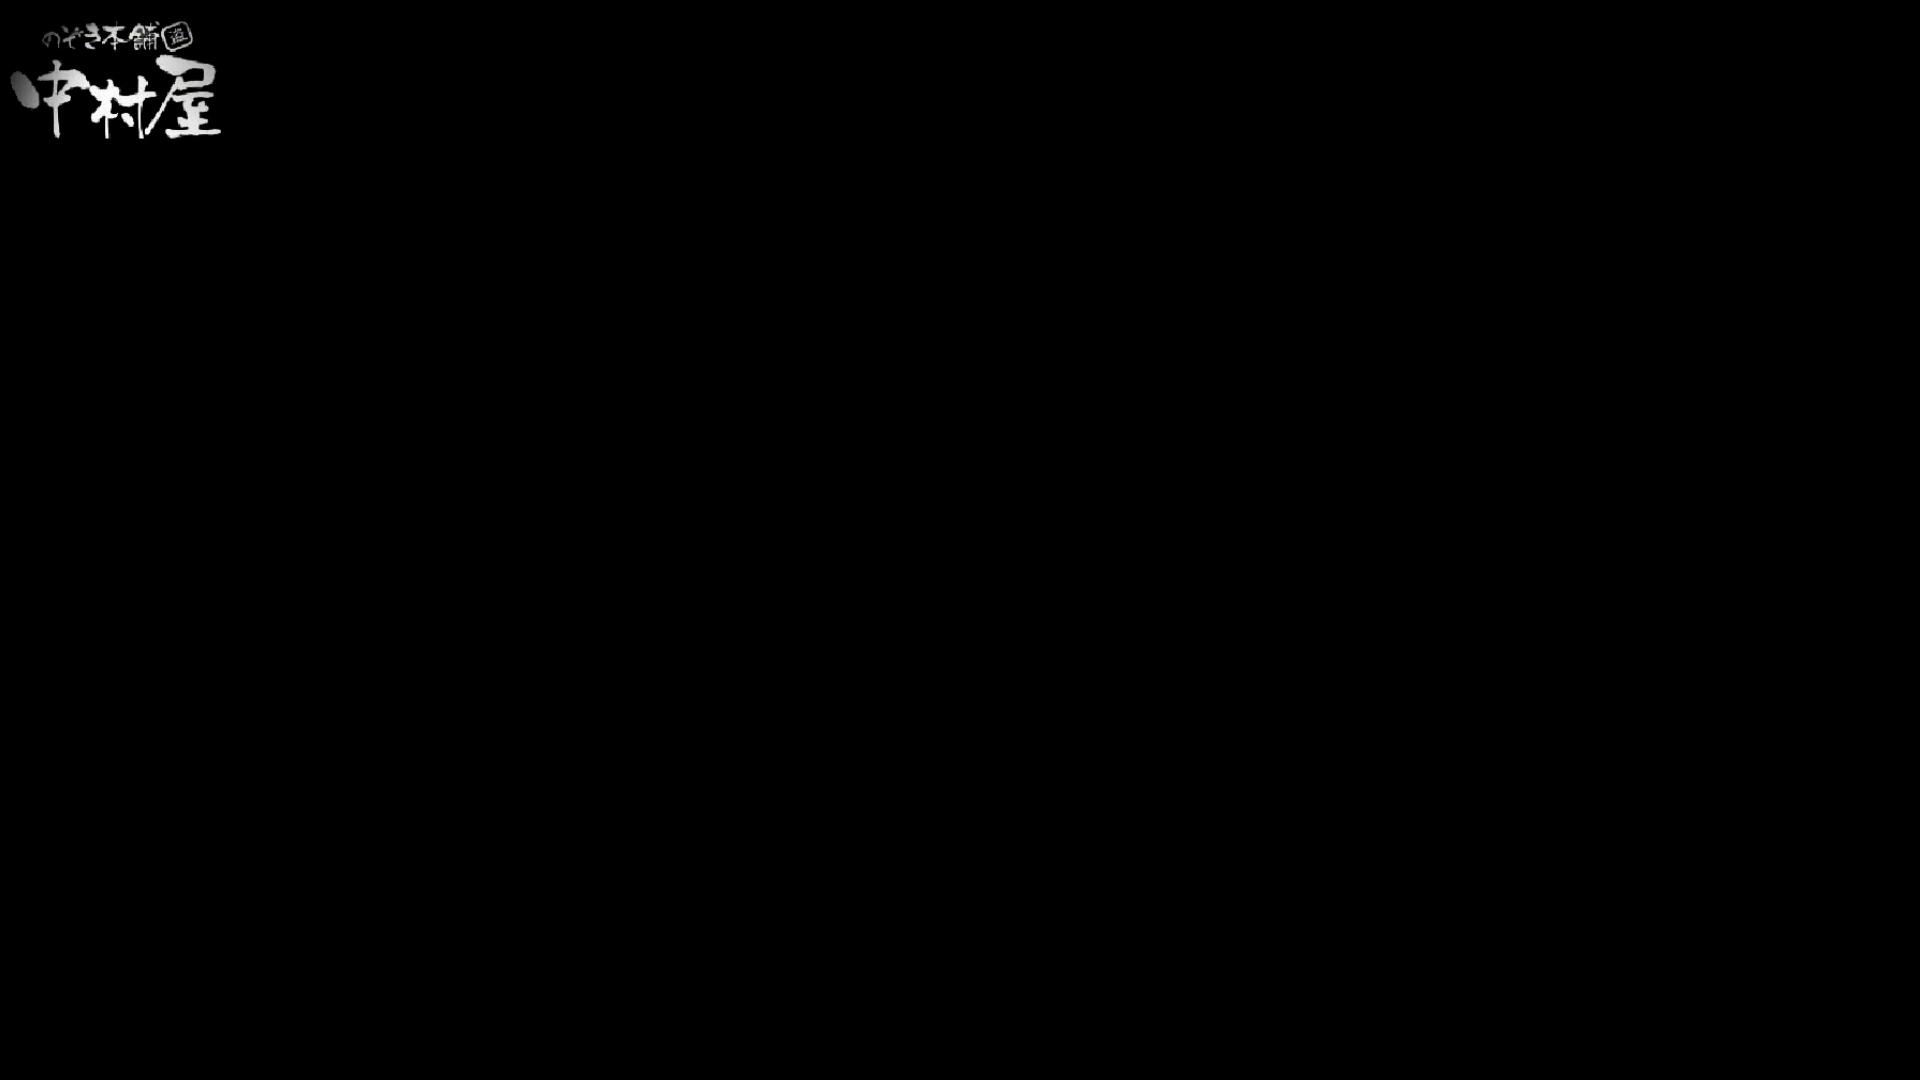 雅さんが厳選新年特別コンテンツ!激走!東京マラソン選手専用女子トイレvol.9 OLエロ画像 隠し撮りAV無料 57PICs 56